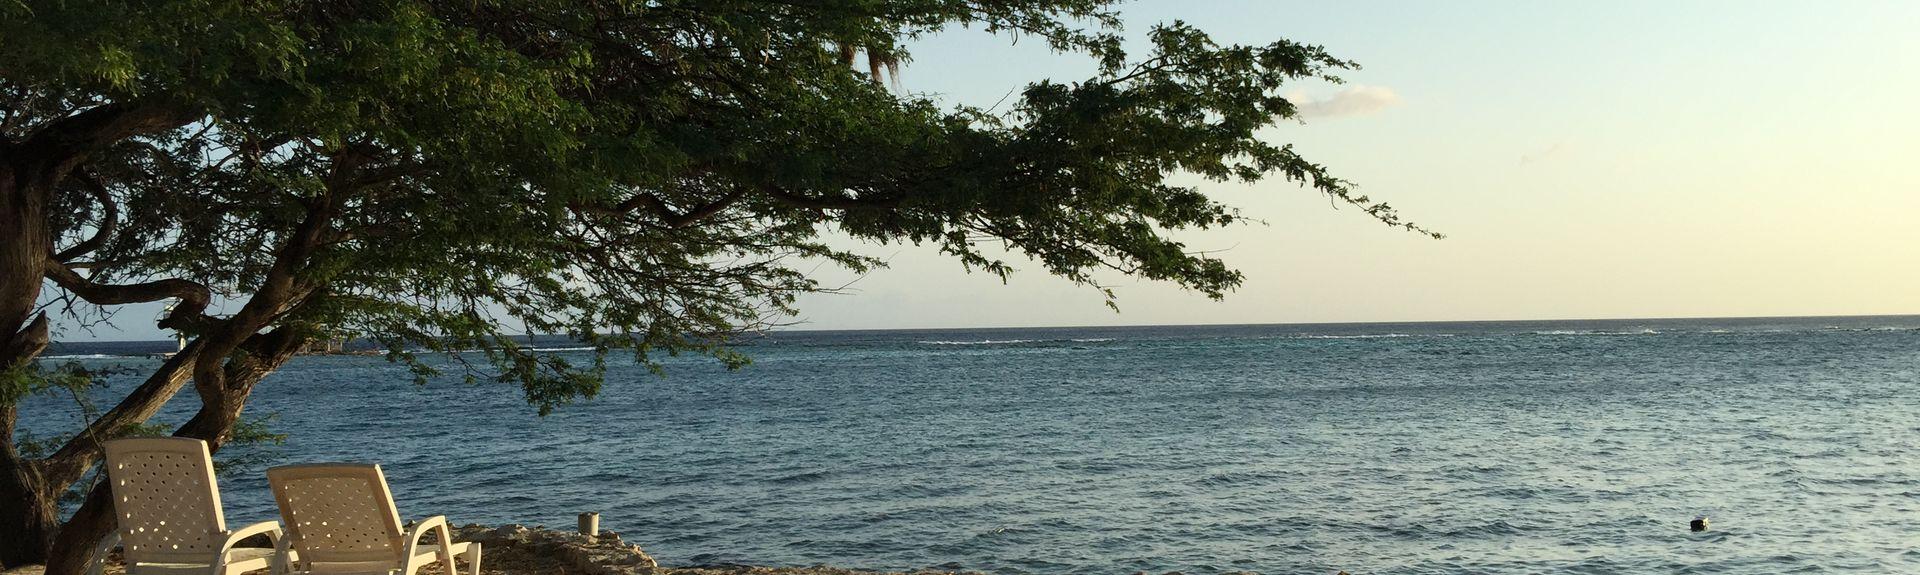 Savaneta, Aruba